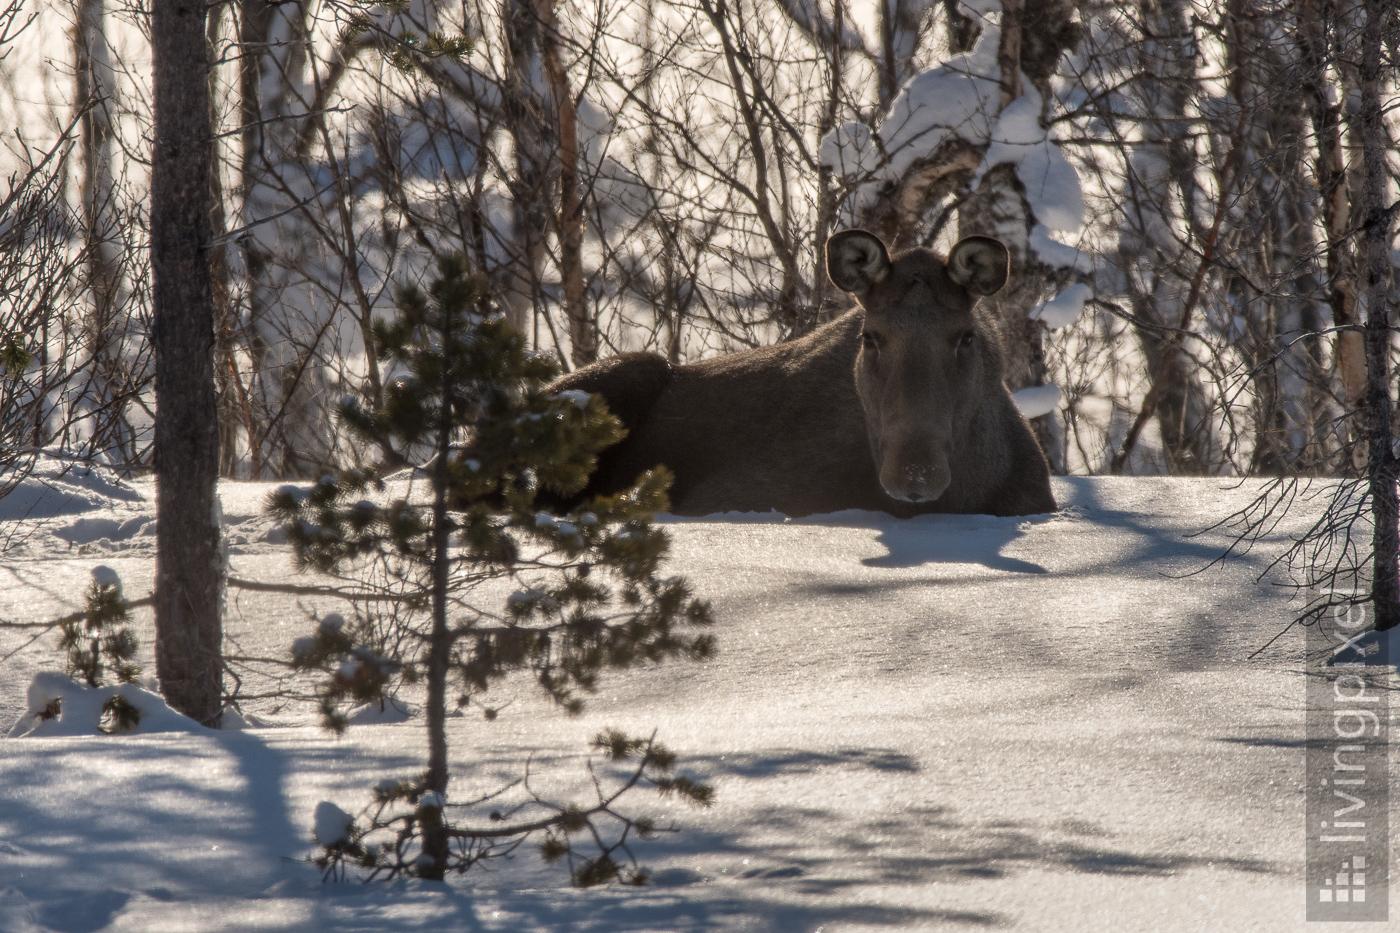 Elch (Moose)